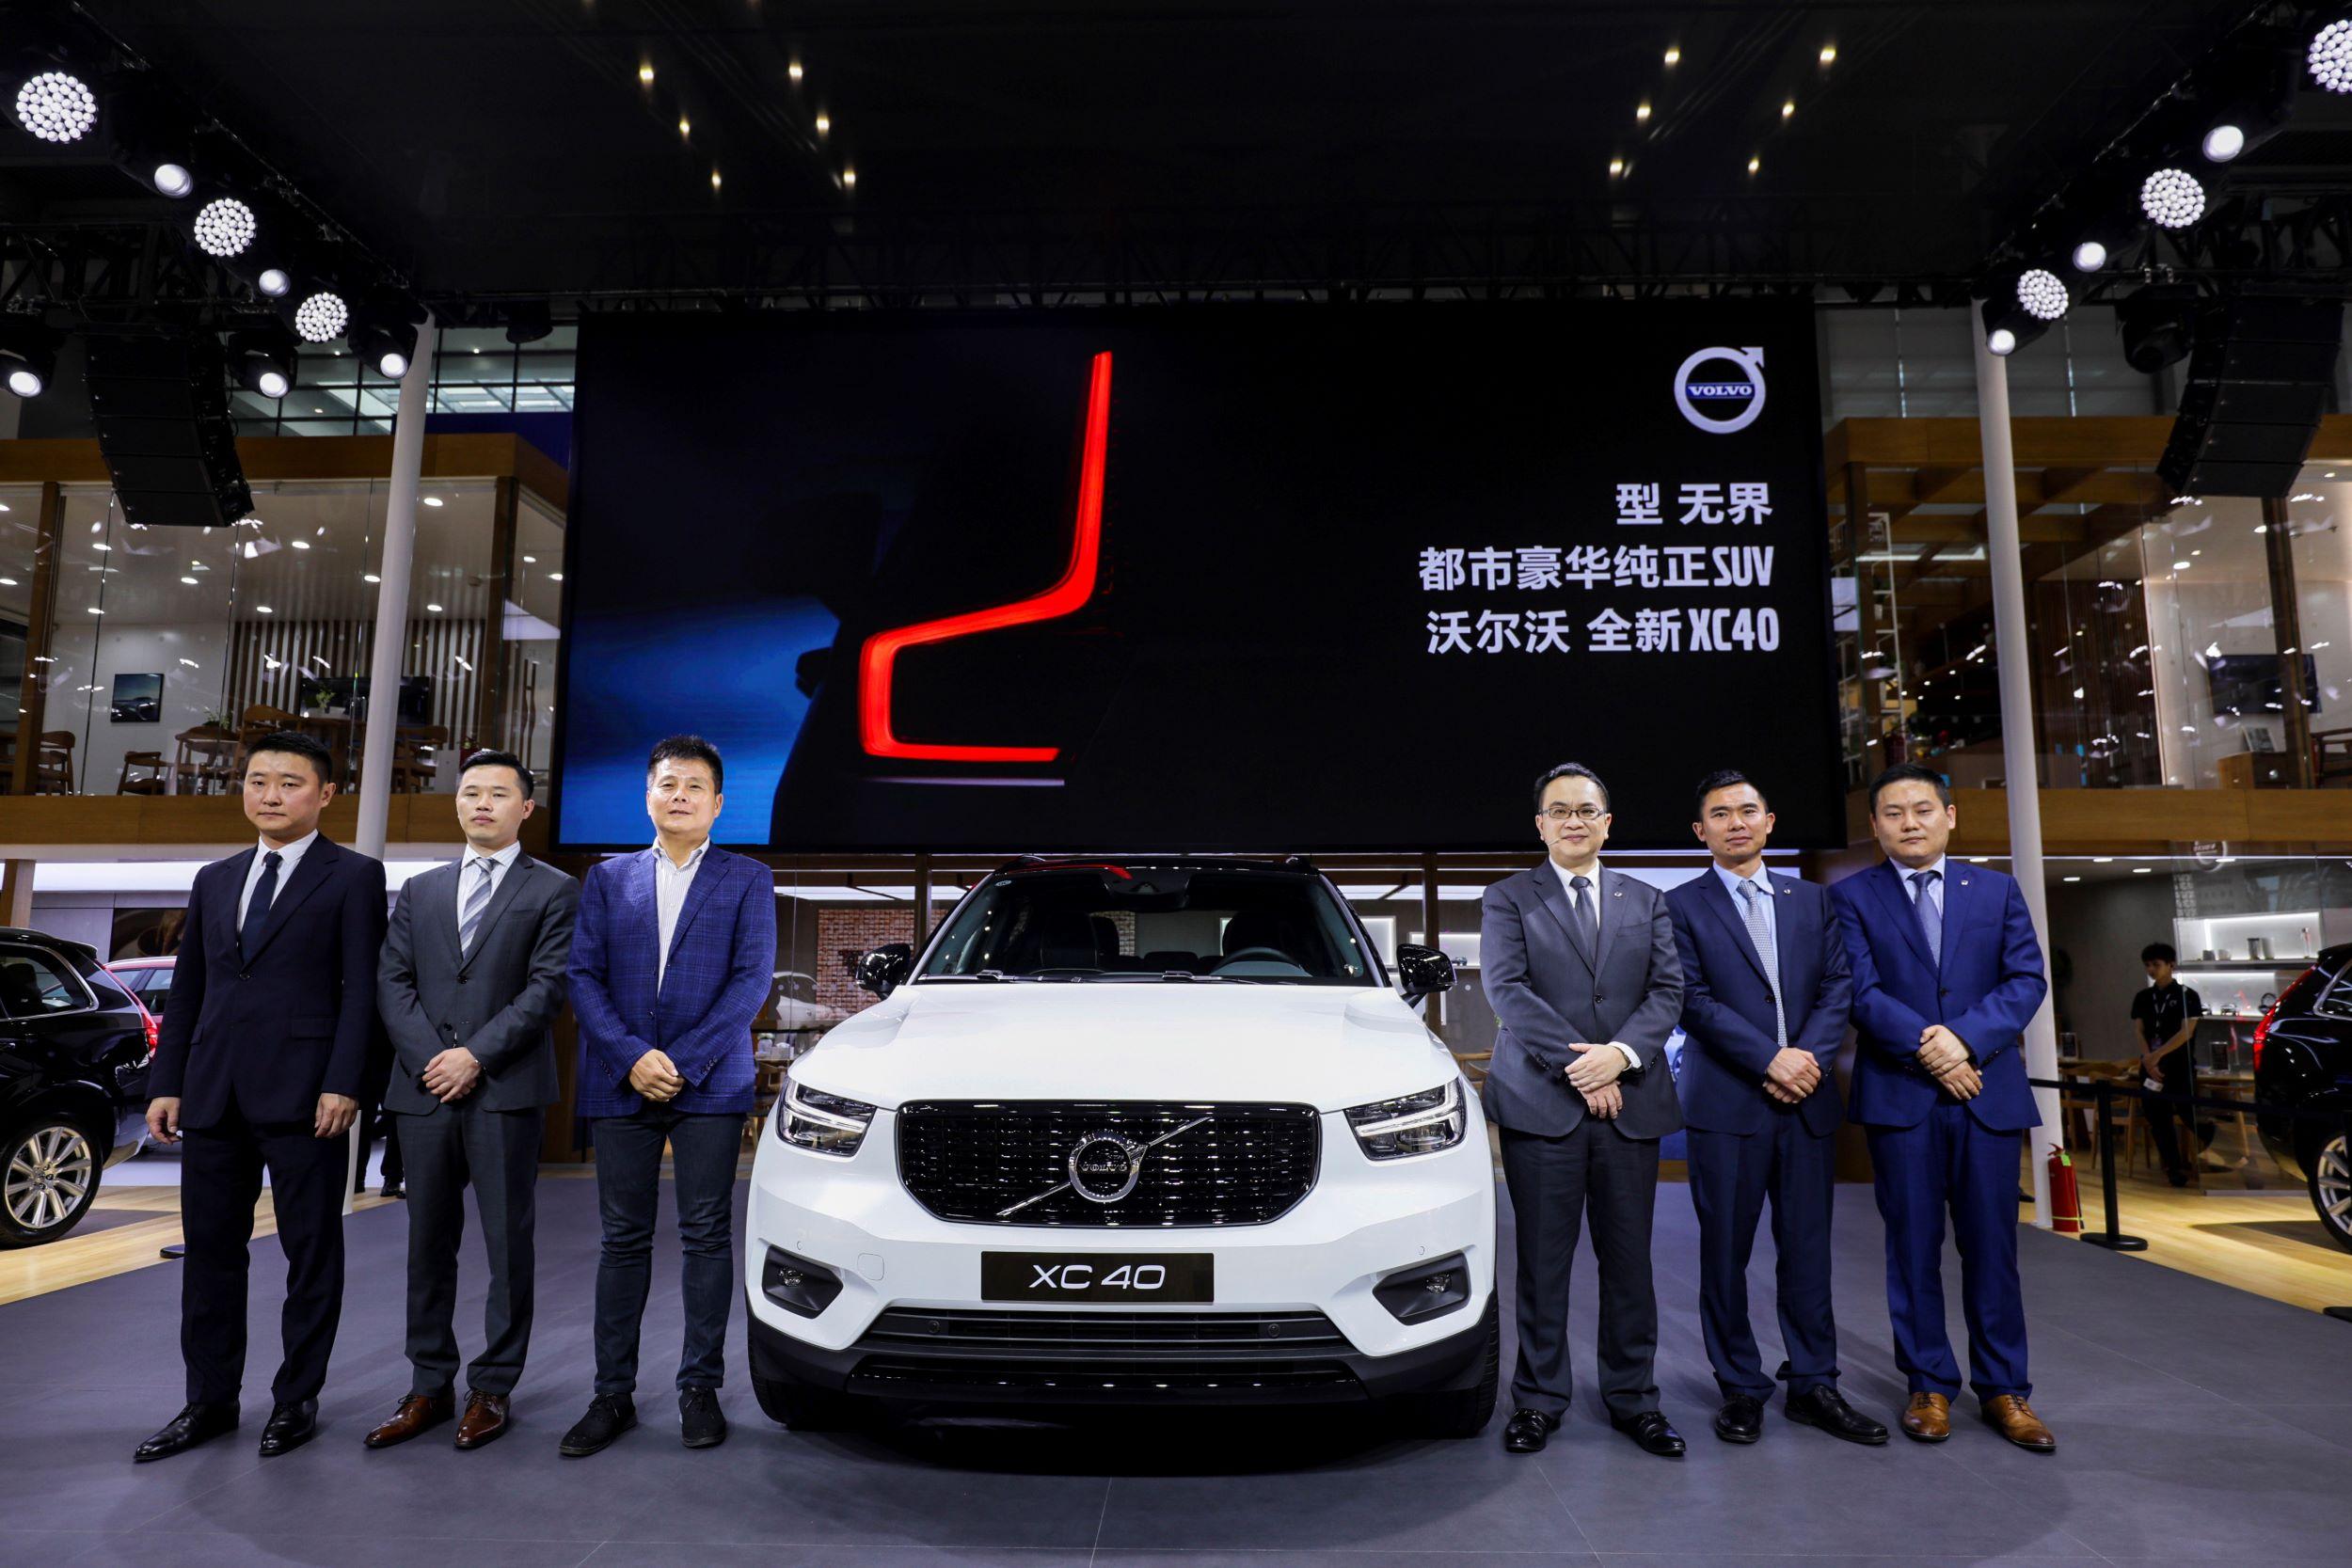 全新XC40耀目登陆华南沃尔沃汽车型动深港澳车展